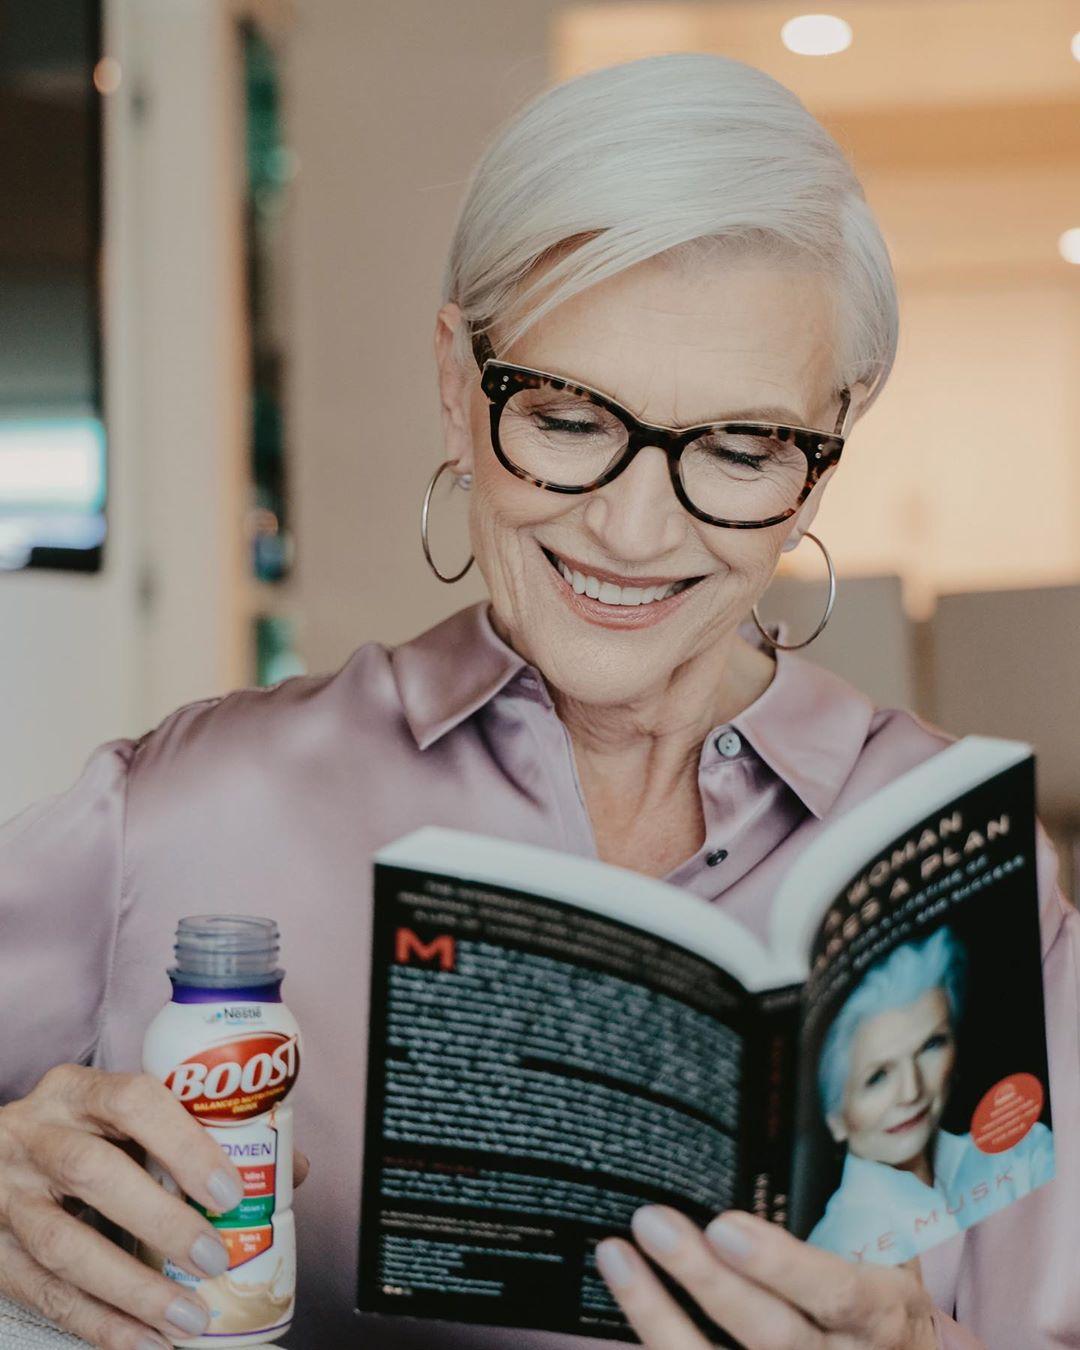 стрижки для пожилых женщин фото 14